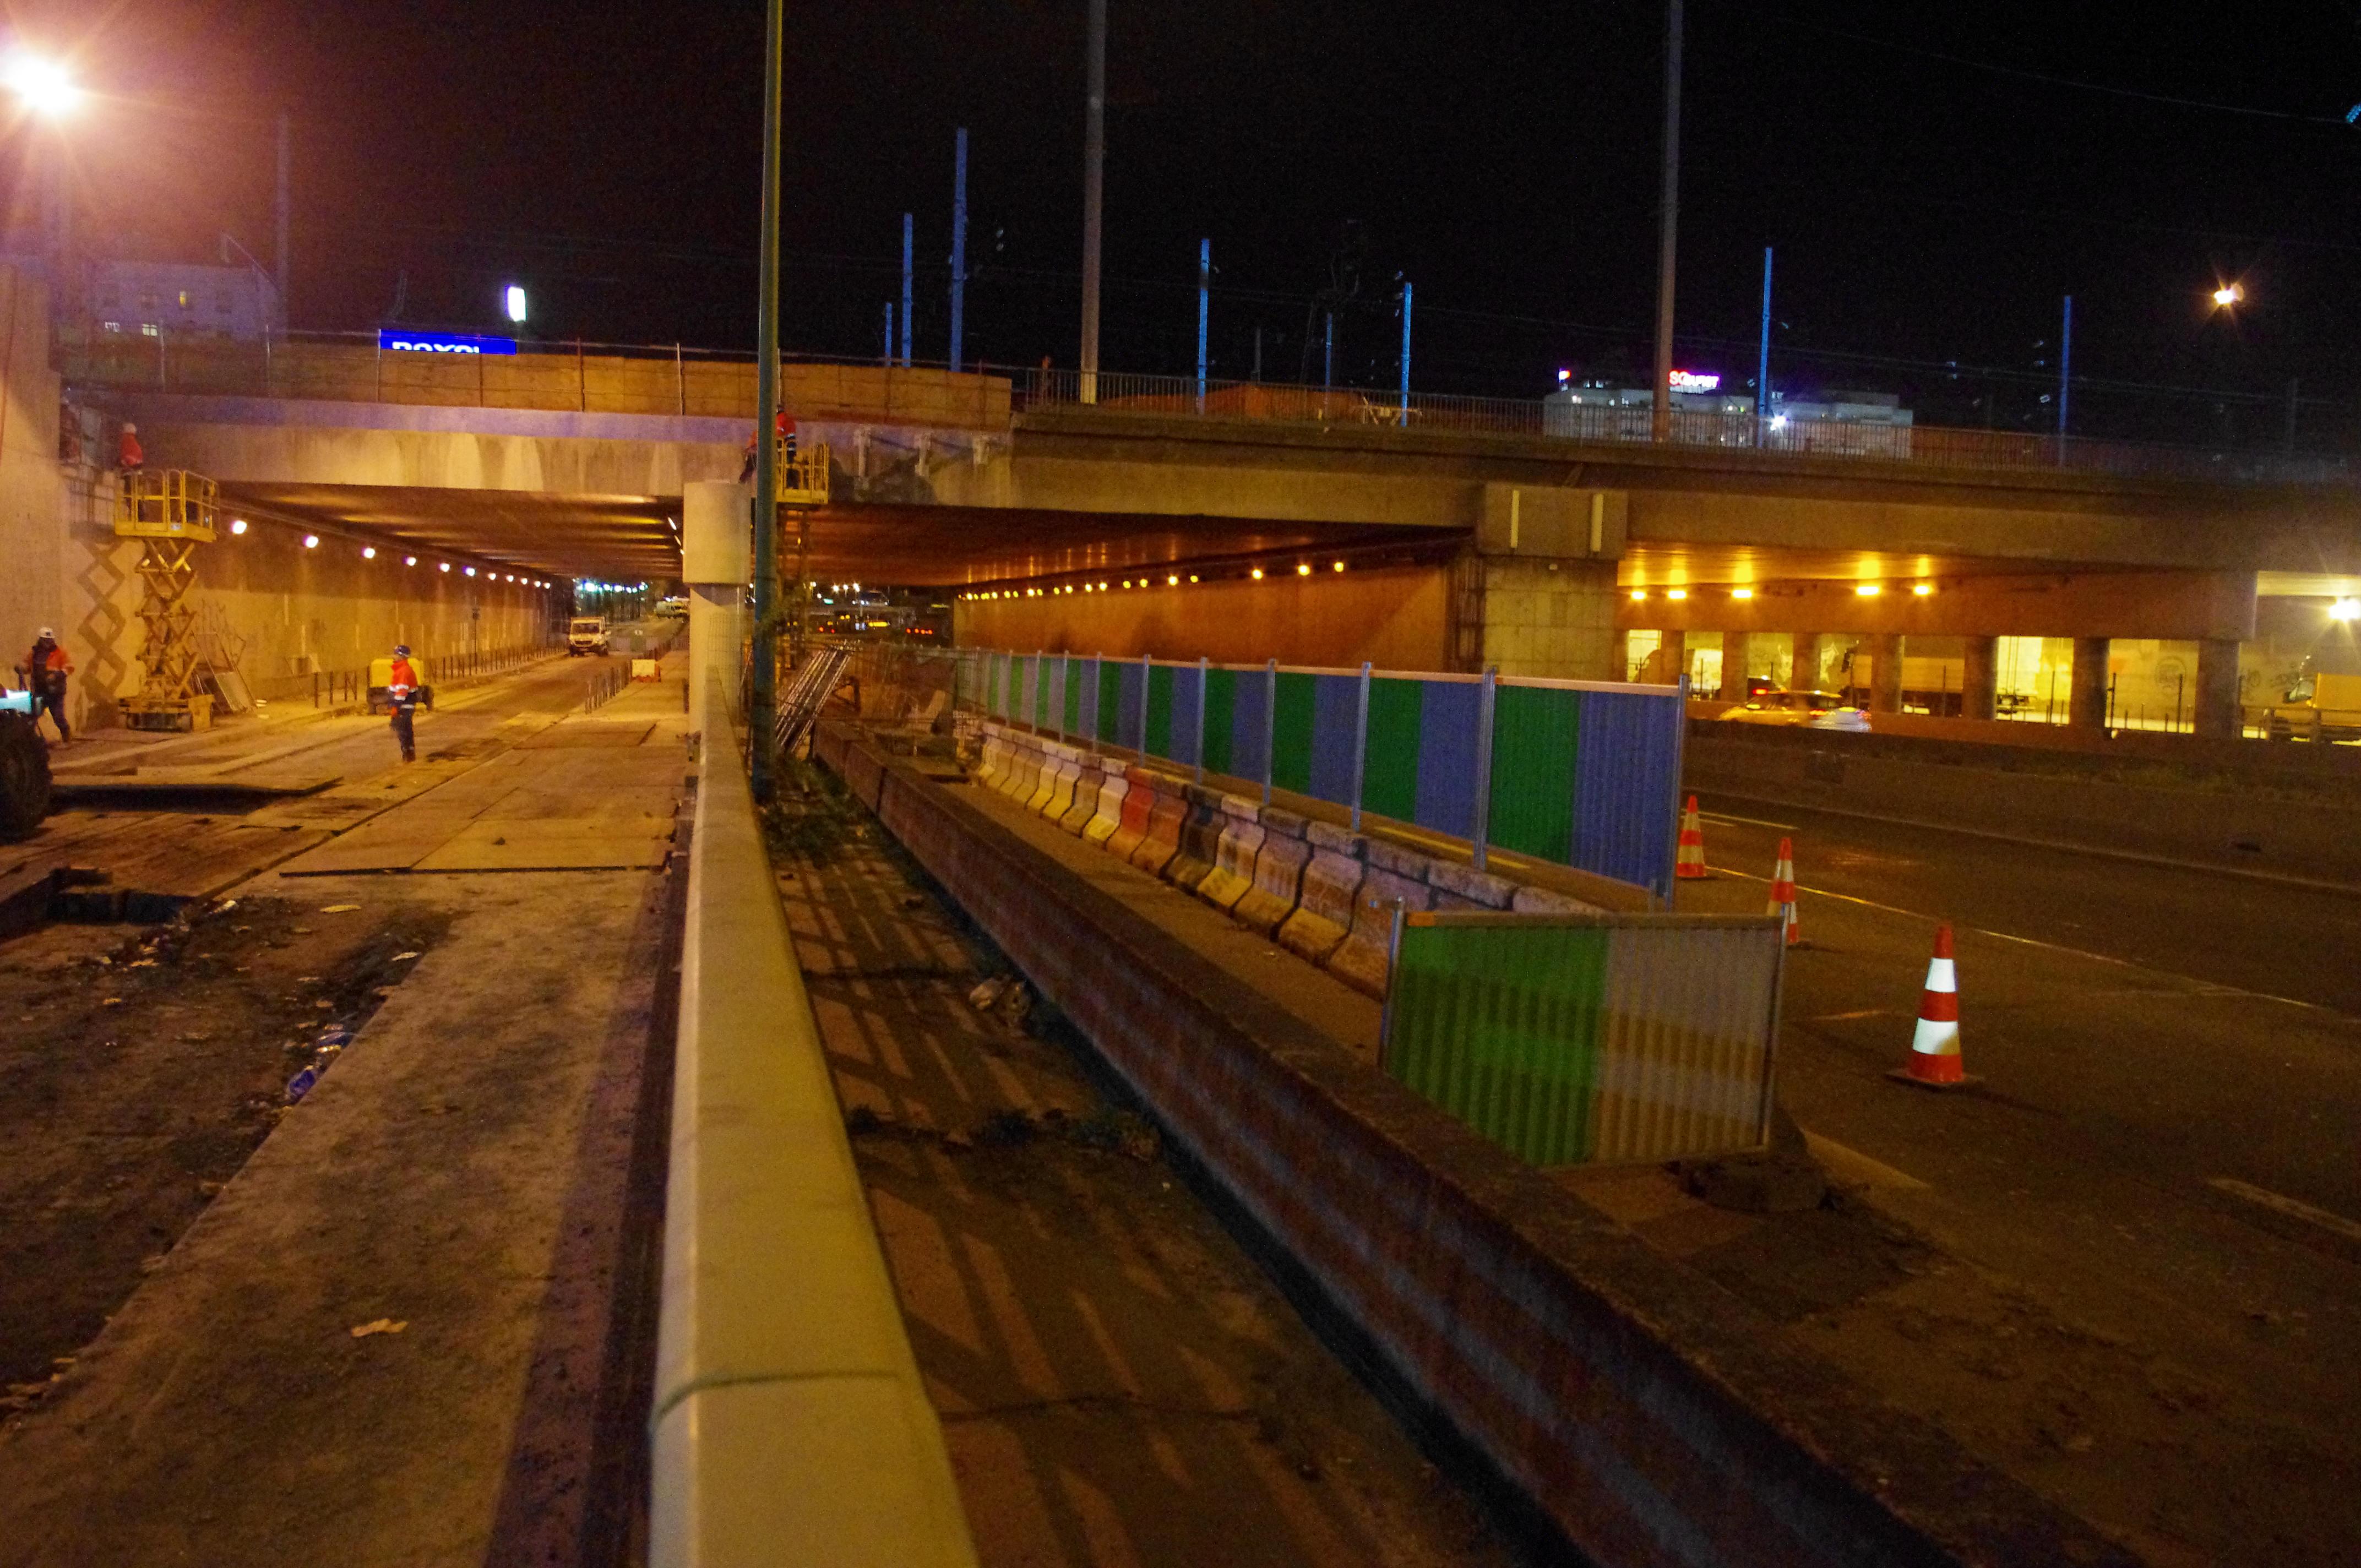 SNCF RESEAU, GTM TP IDF Groupe VINCI, Prolongement des appuis du Pont Rail de la Révolte quartier des Batignolles le long du Boulevard Périphérique Intérieur PARIS 17 - Maîtrise Ingénierie Management (MIM) - Ingénieurs Conseils